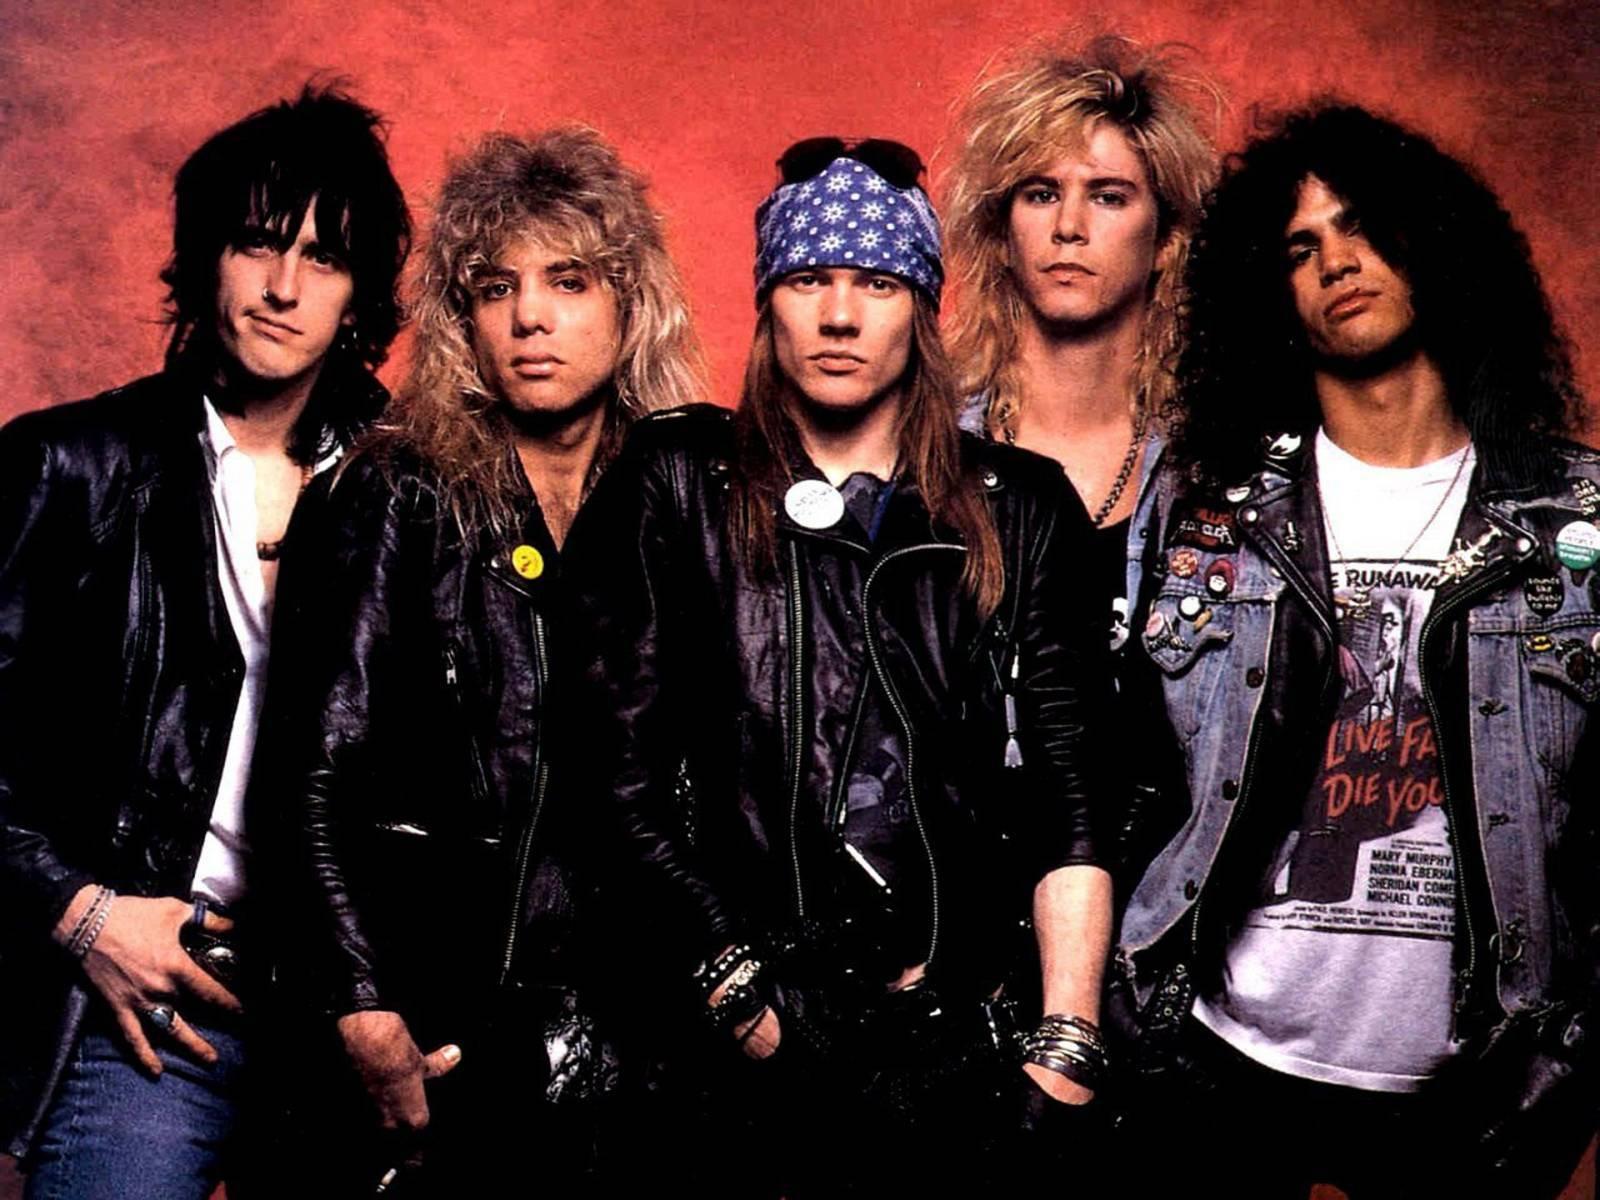 Guns N' Roses dorazí do Prahy až příští rok, fanoušci si musí zakoupit nové vstupenky